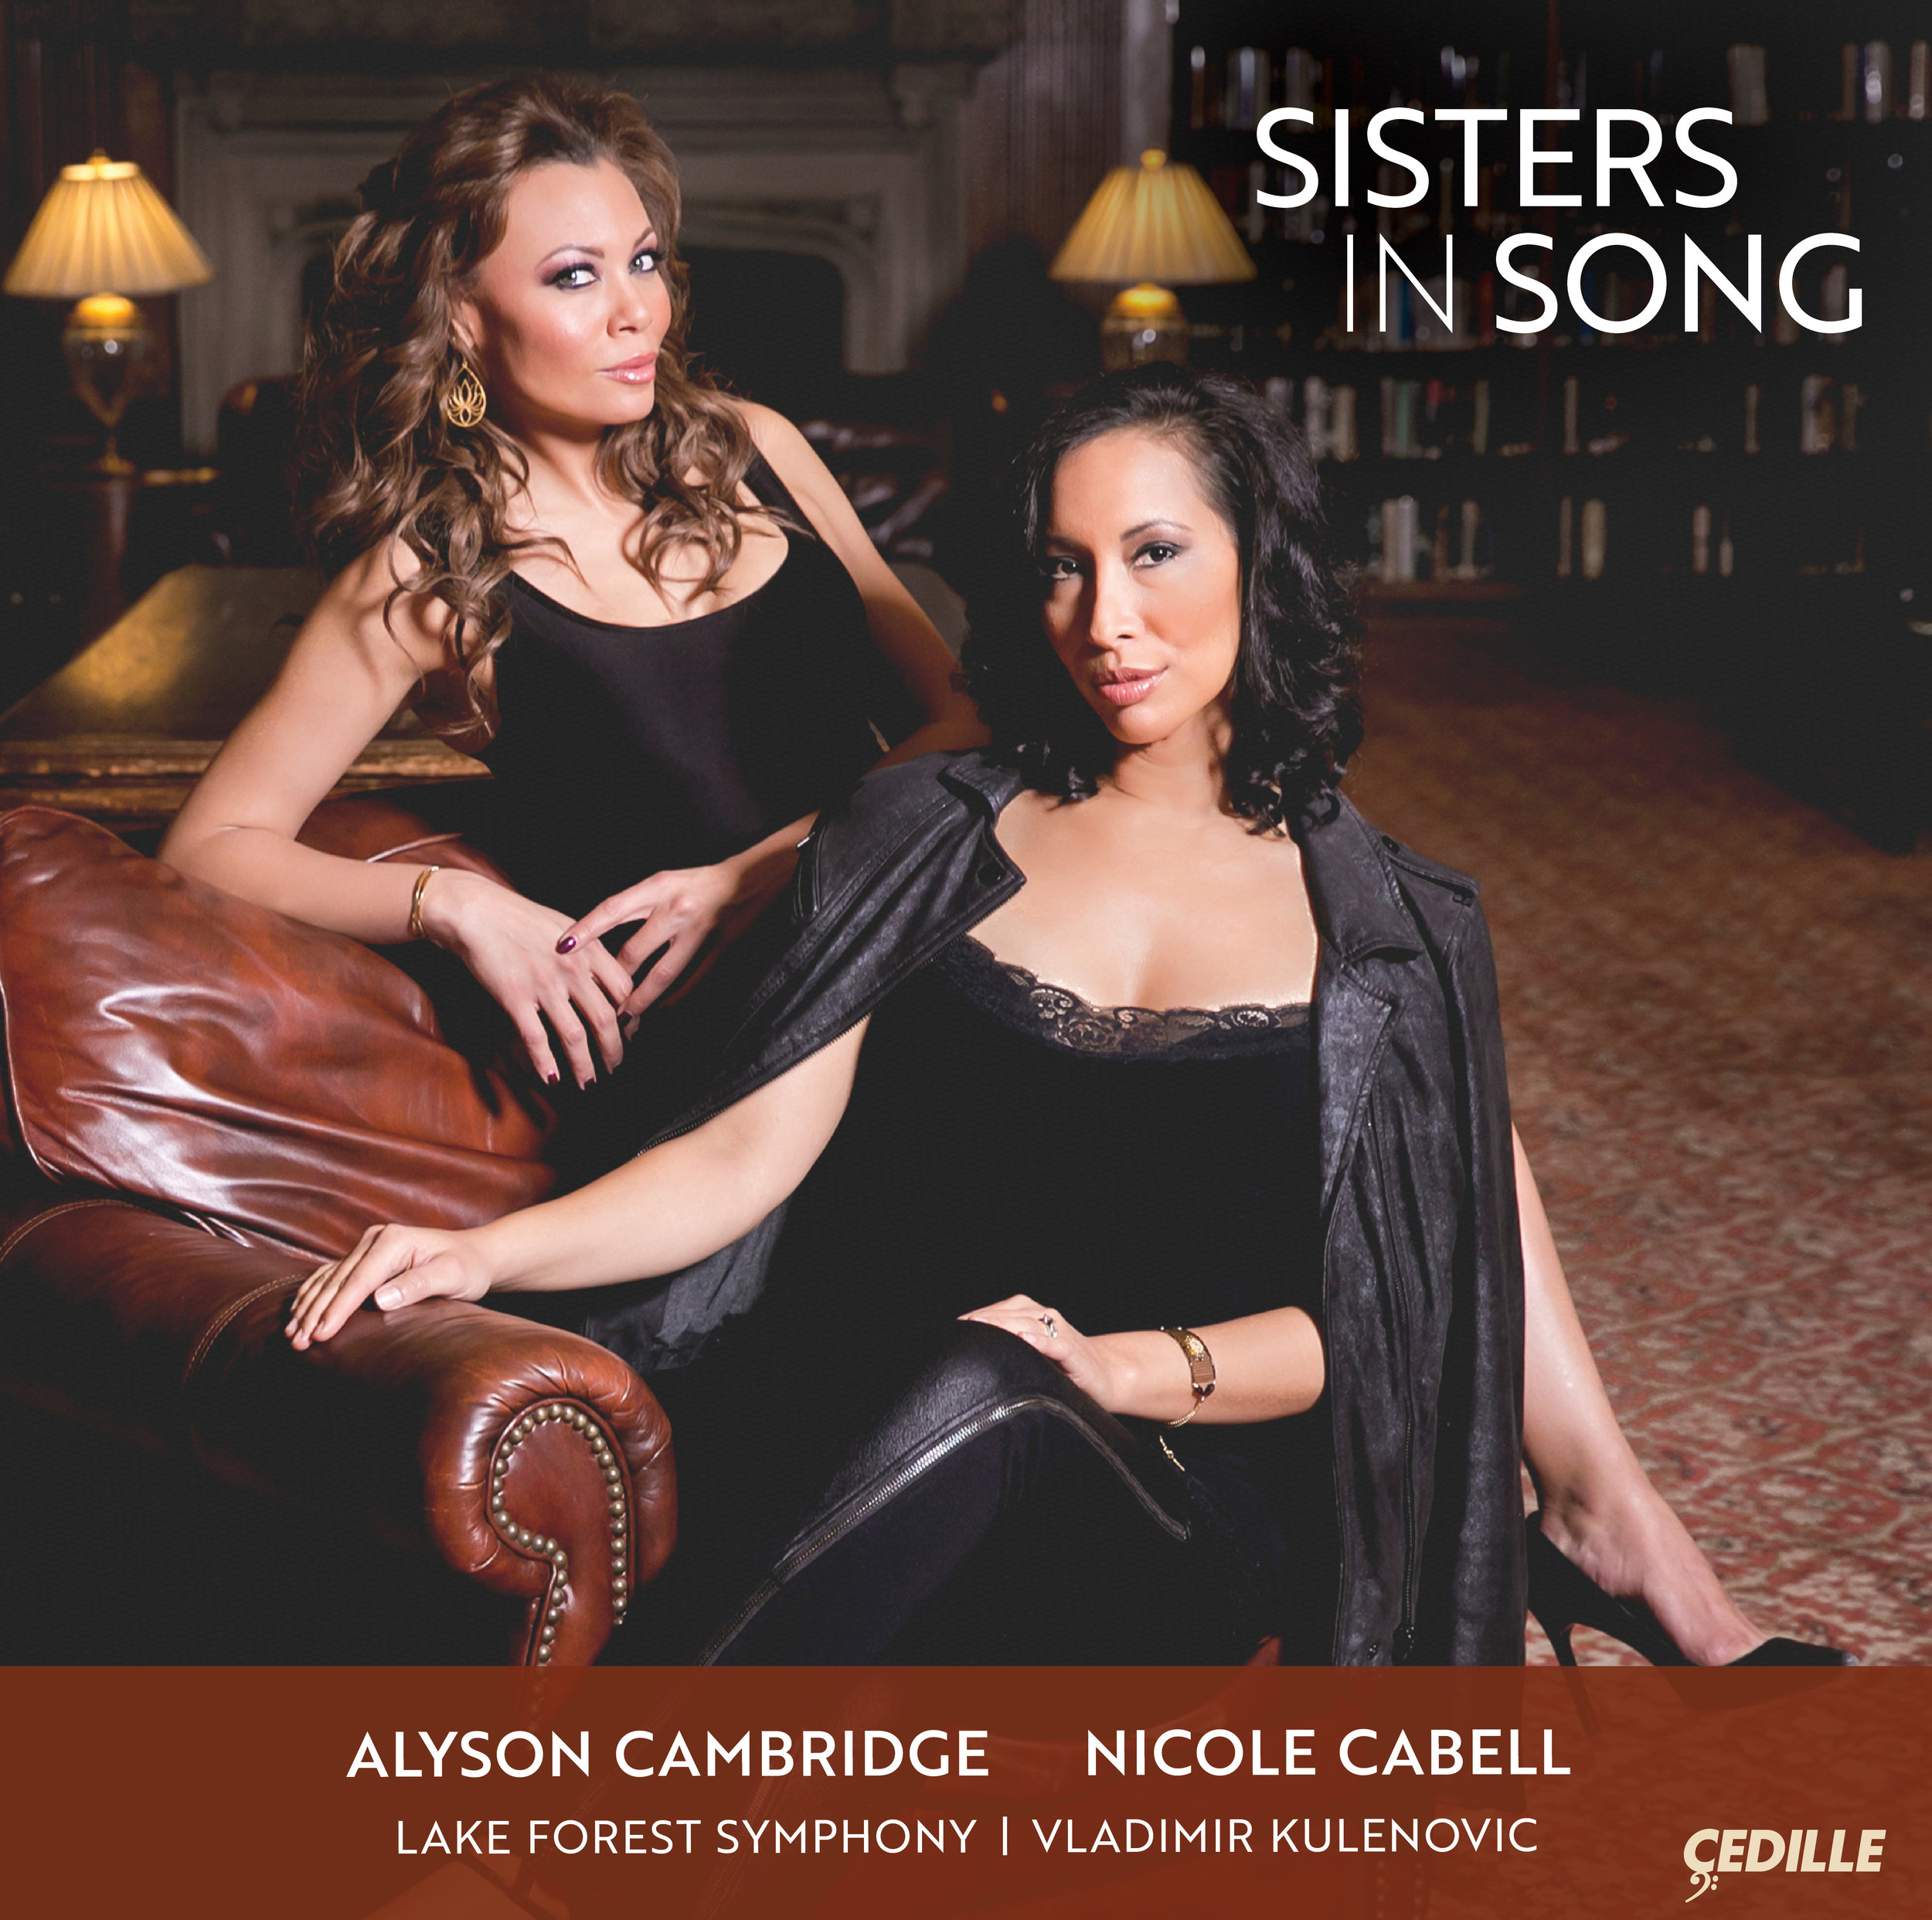 Sisters in Song, 2018 (Cedille)